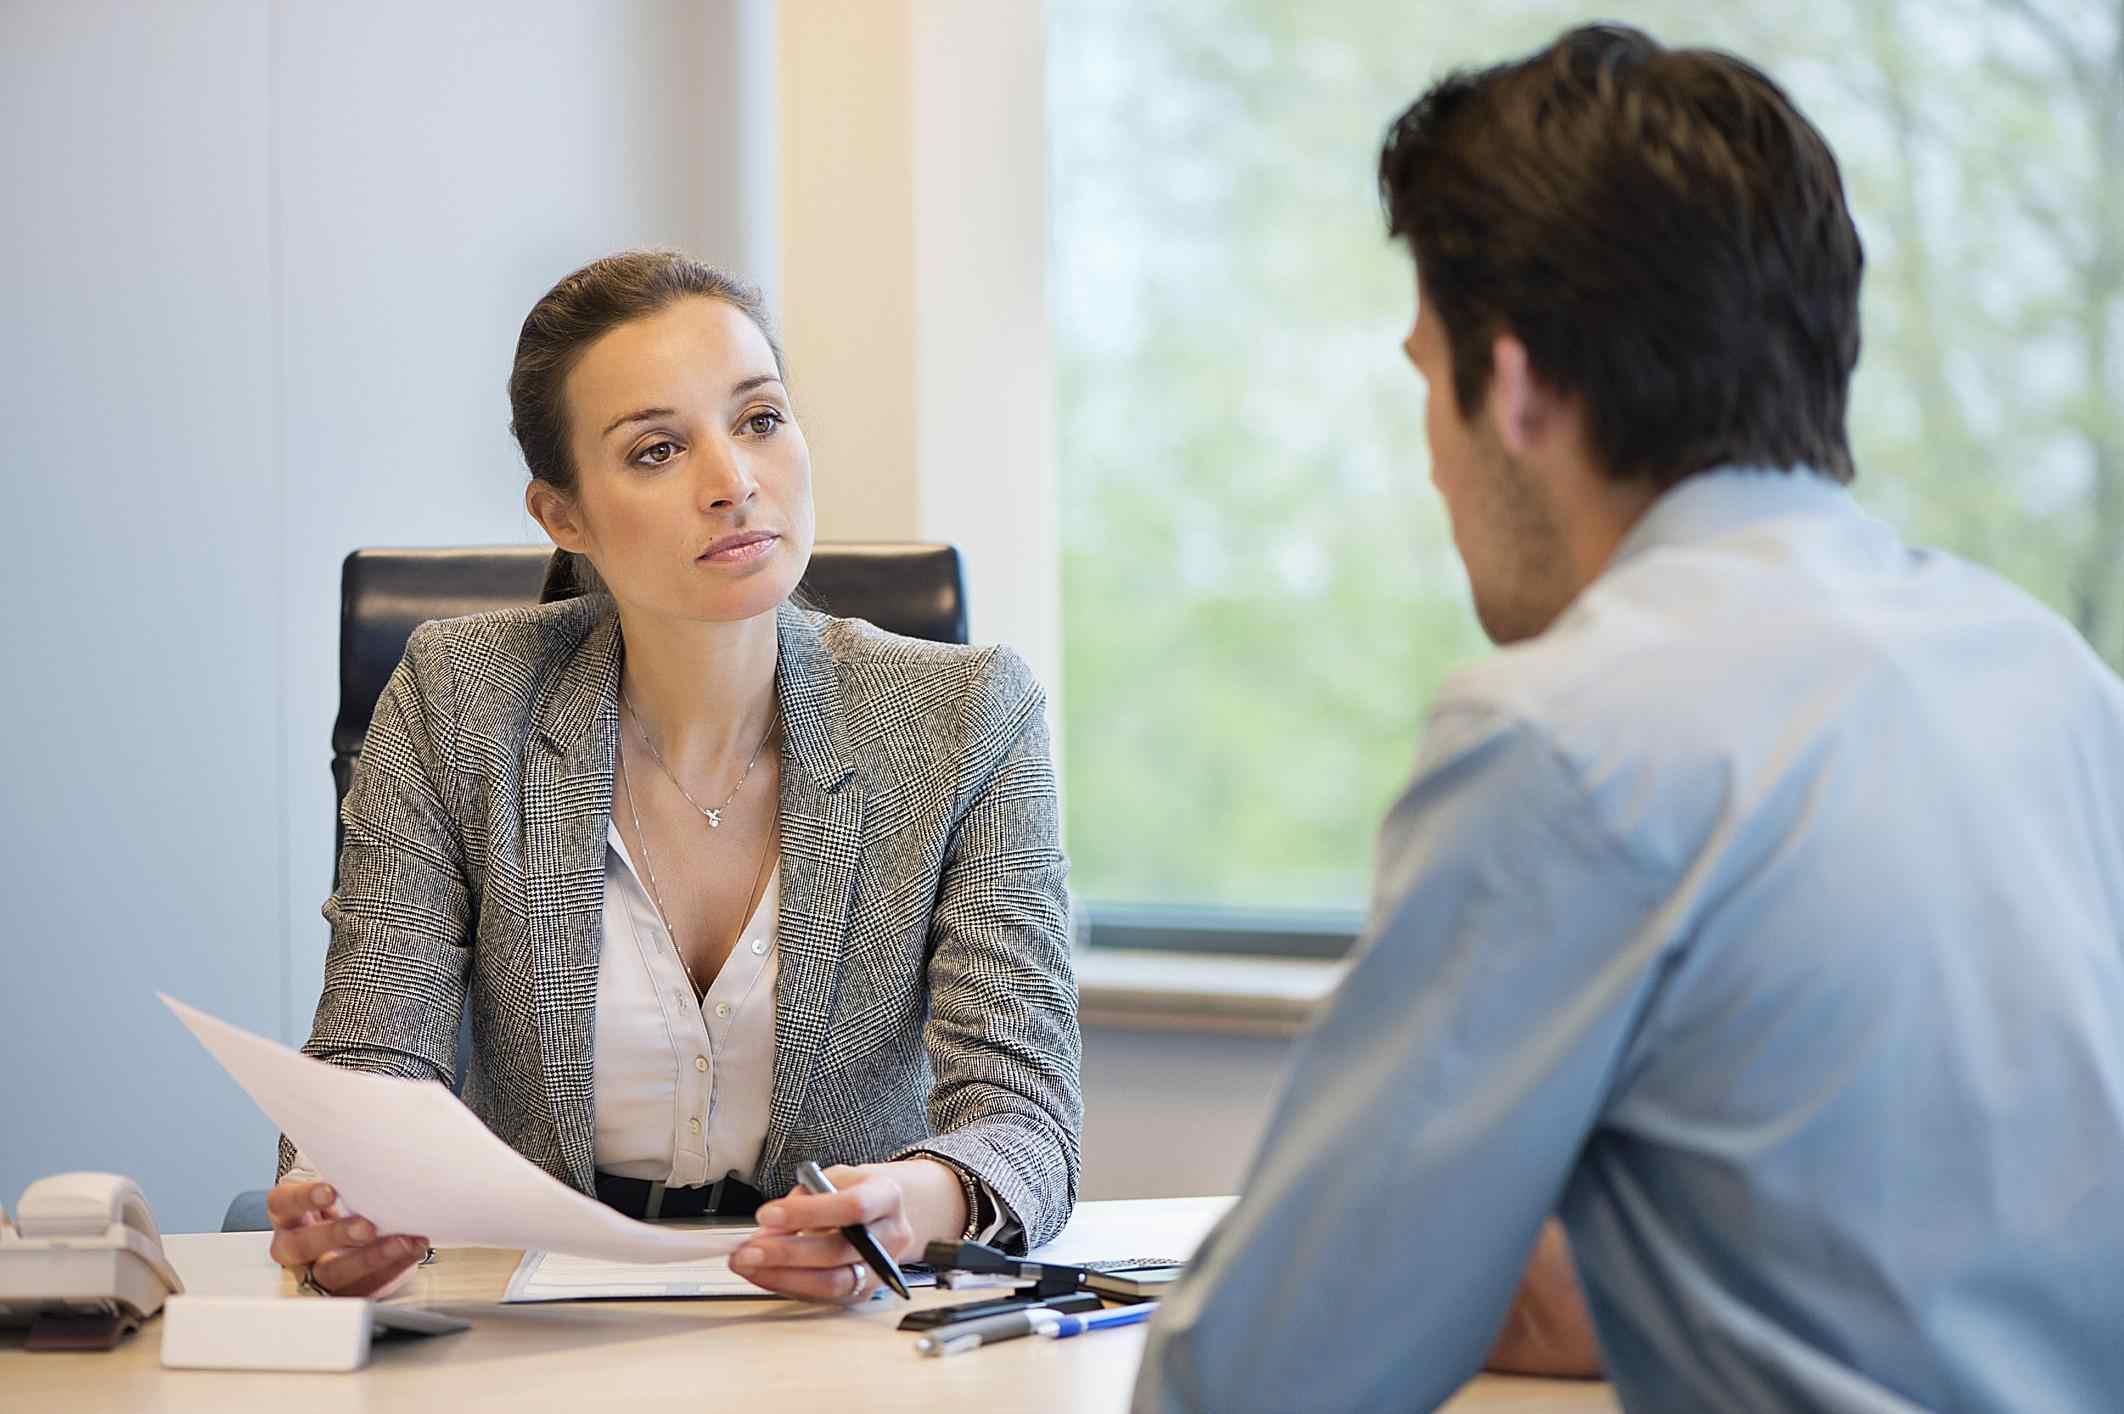 Entrevista entre un hombre y una mujer.